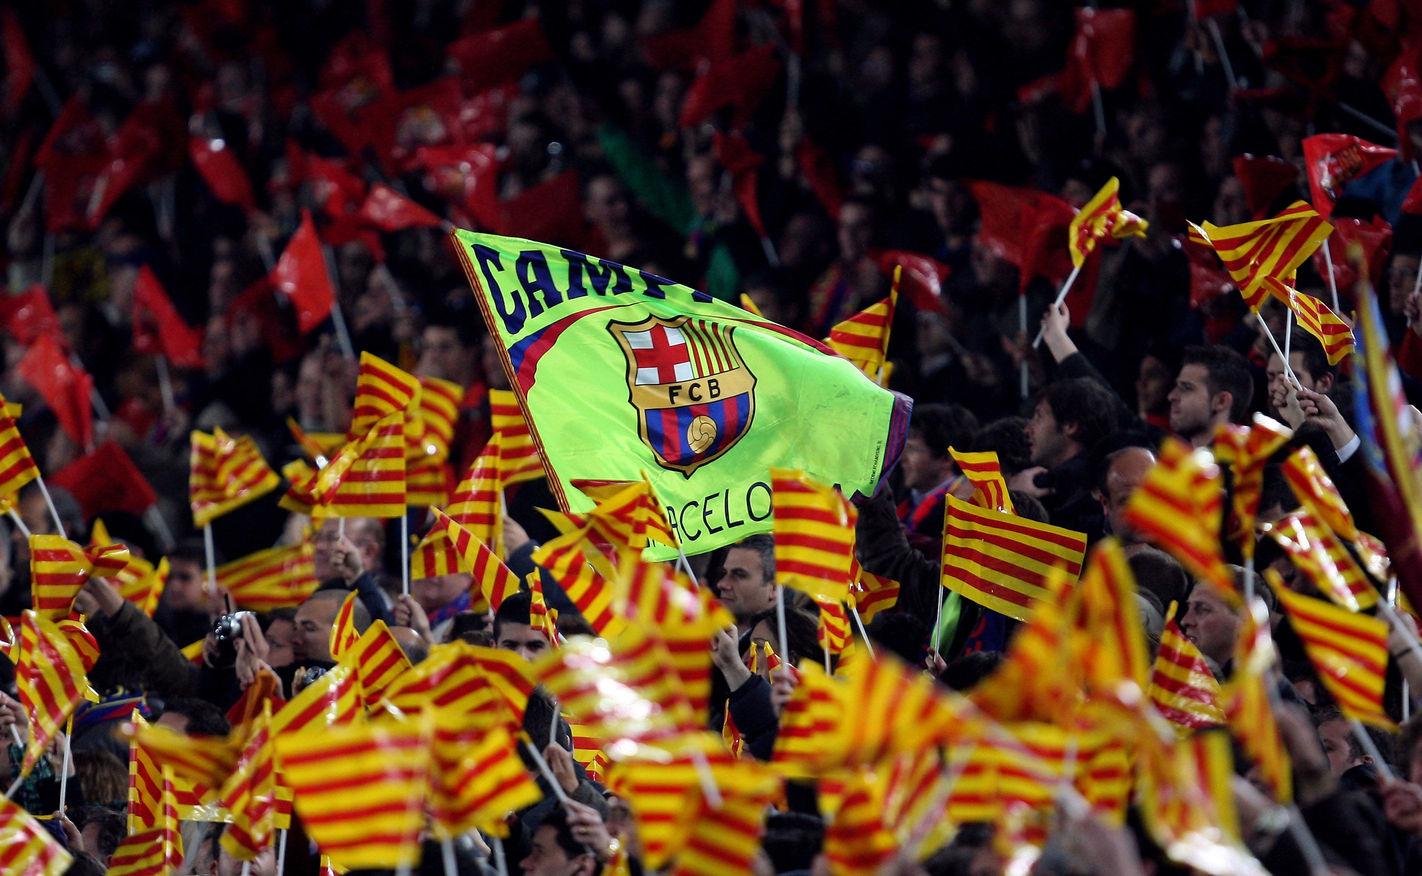 Самые неудачные сезоны в истории Барселоны - было такое, что даже бились за сохранение прописки в Примере - изображение 2